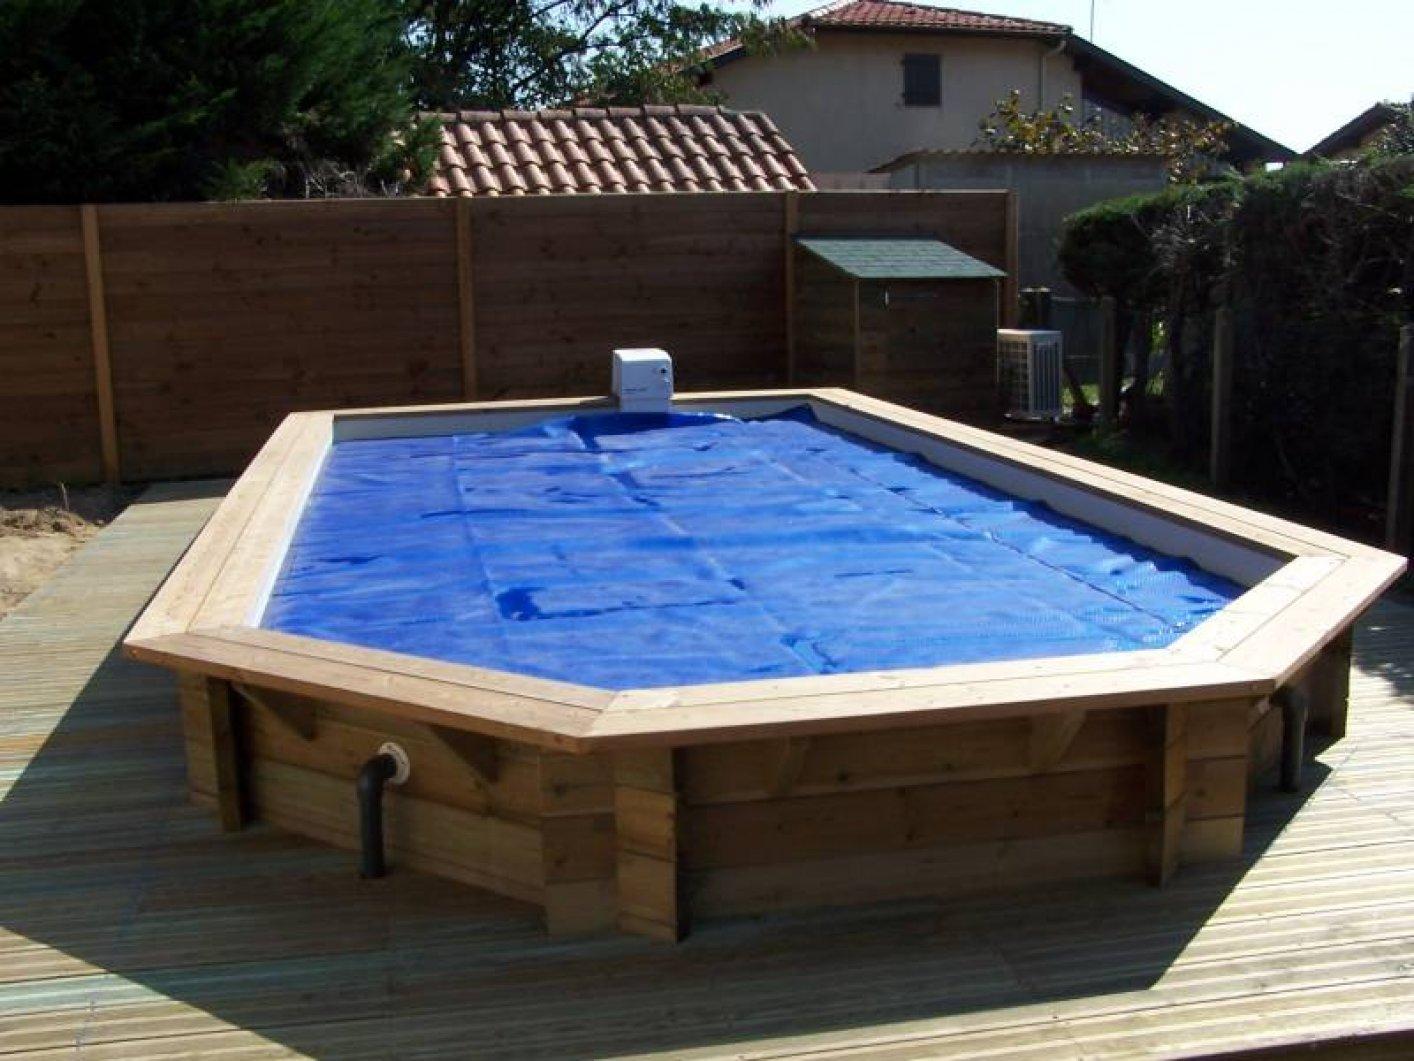 Piscines bois - Hivernage piscine bois semi enterree ...